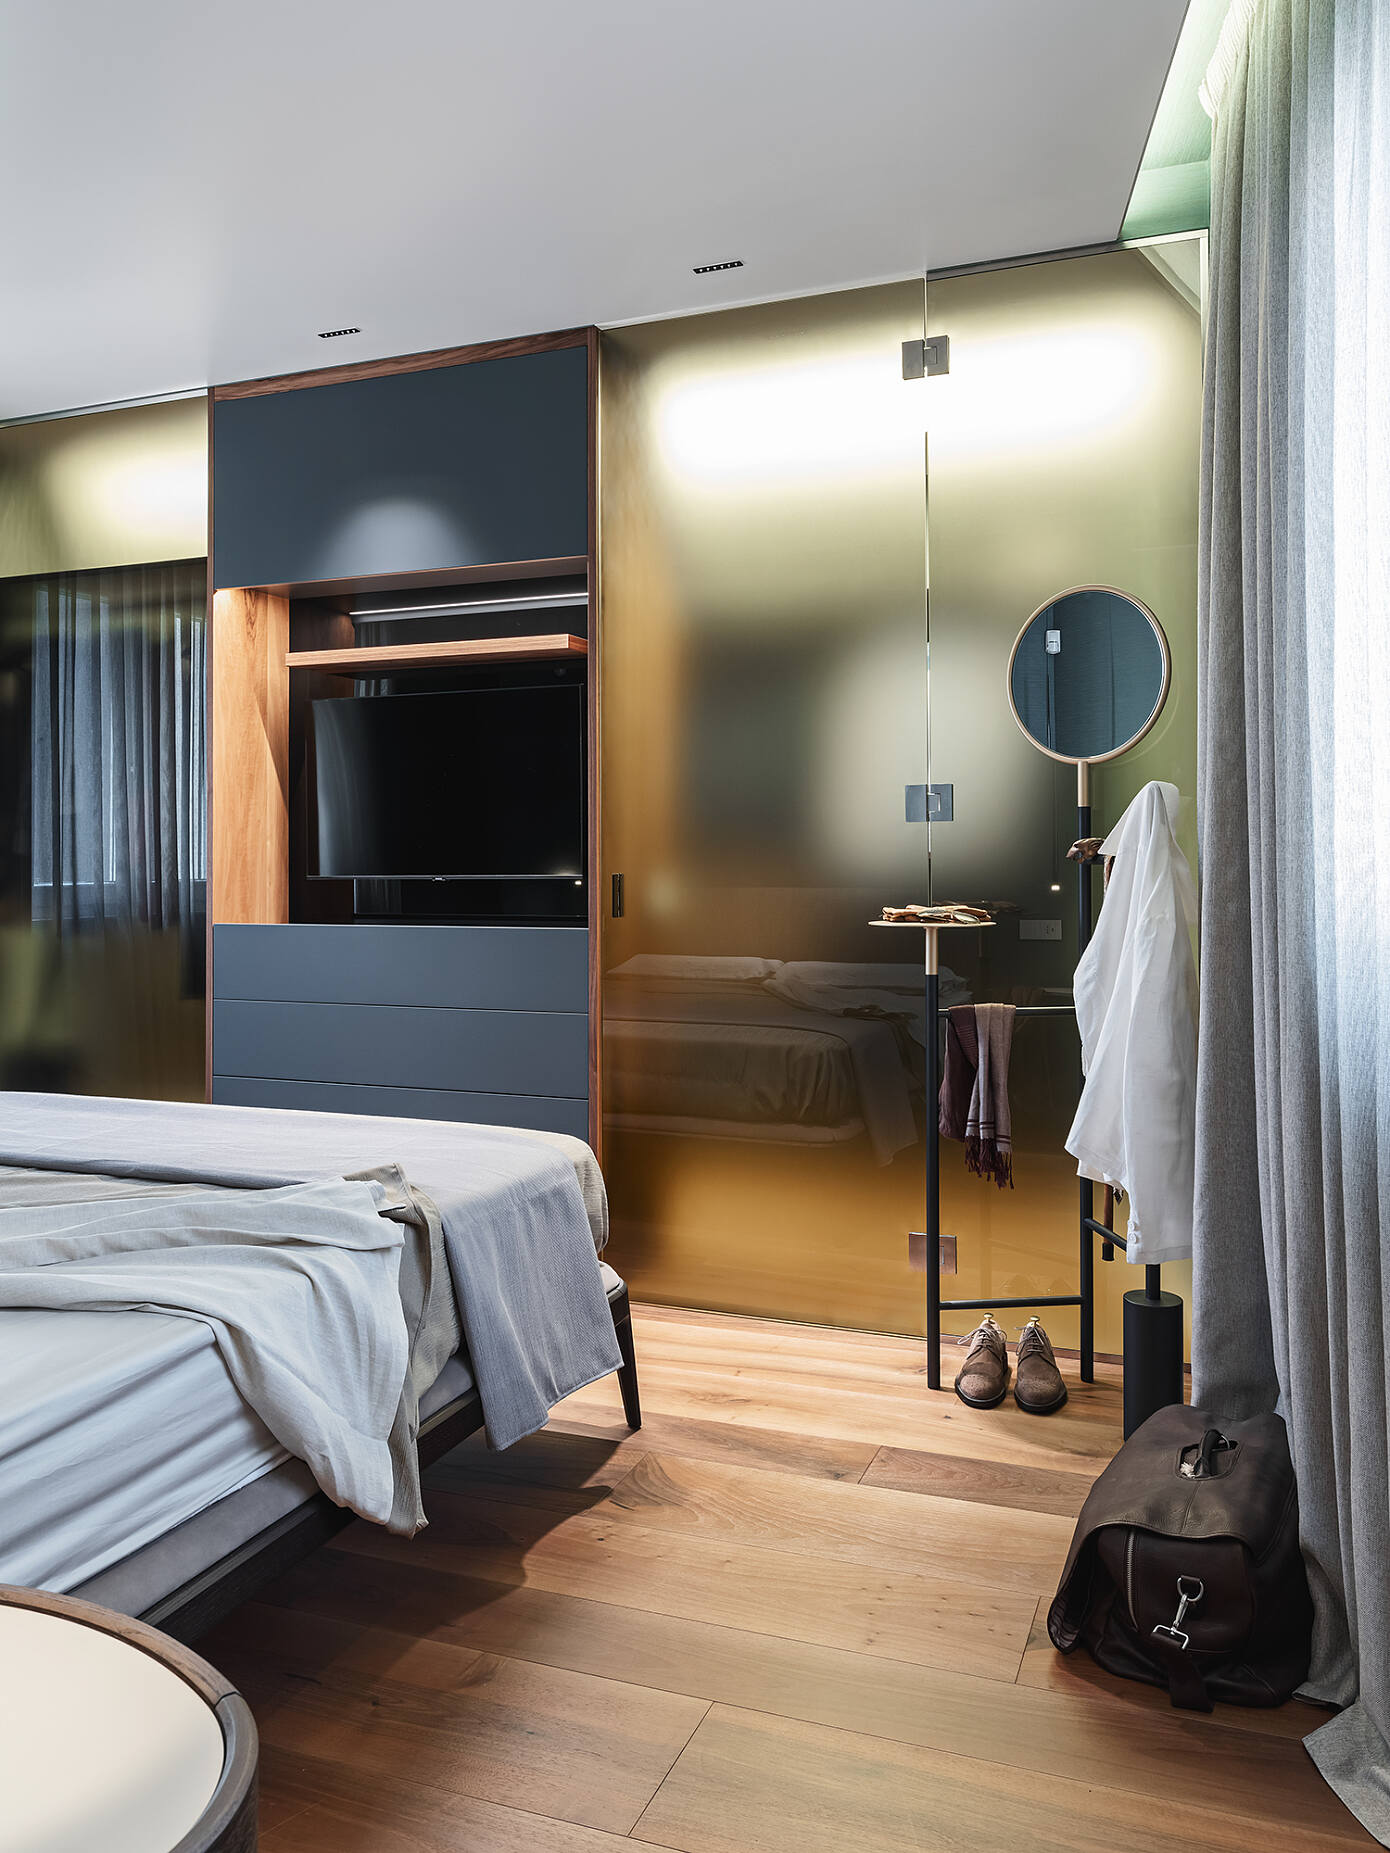 Apartment in Altamura by Gentile.Forte.Garripoli